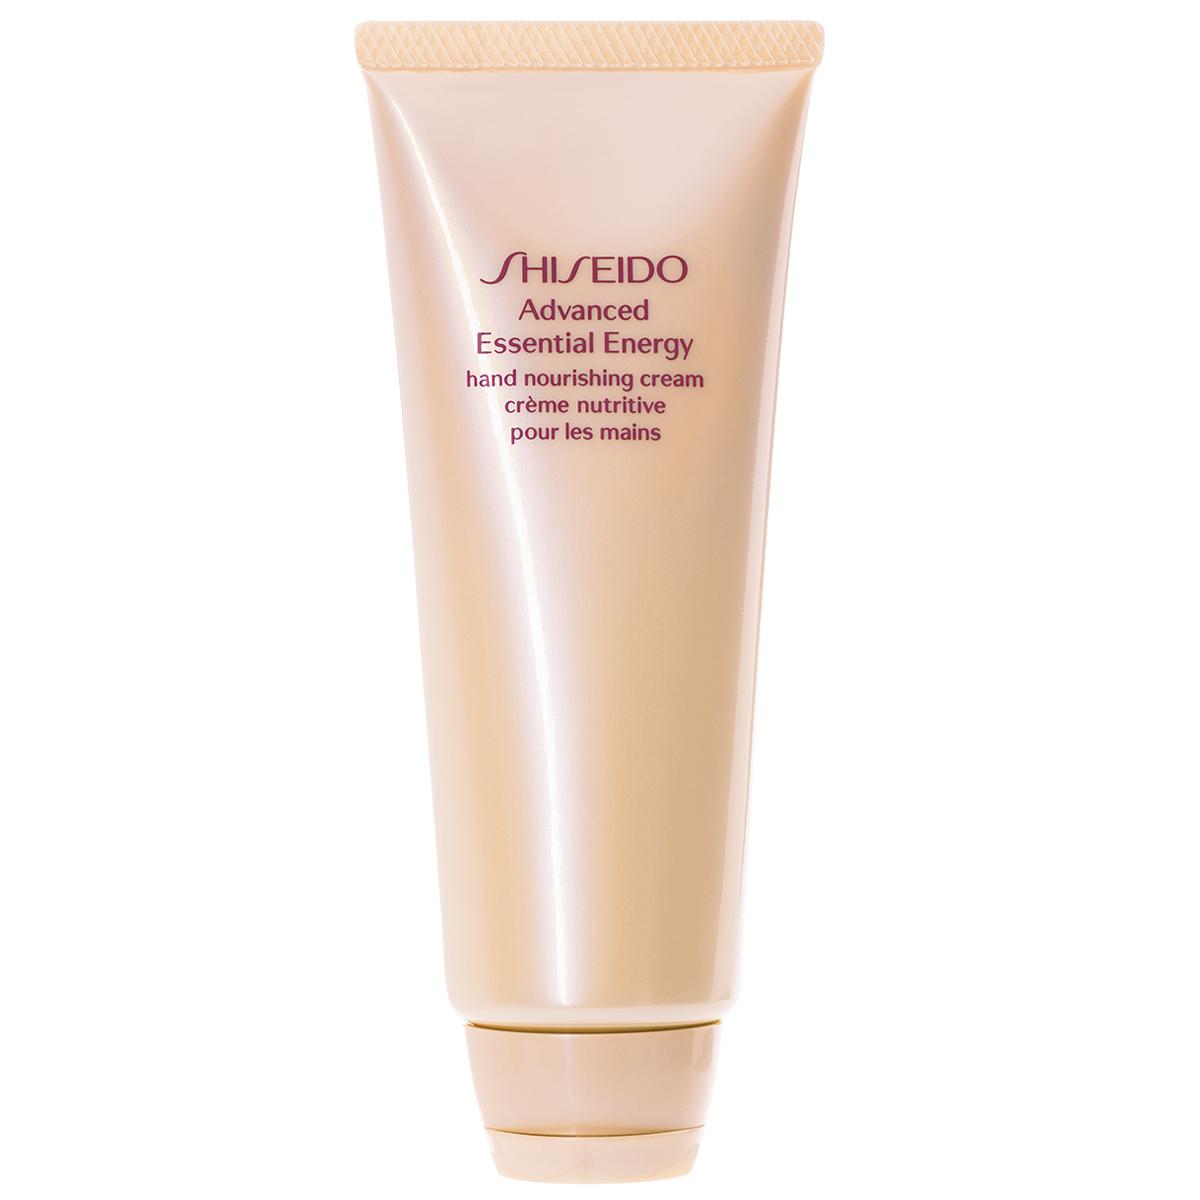 Shiseido - Crème nutritive pour les mains - 100 ml